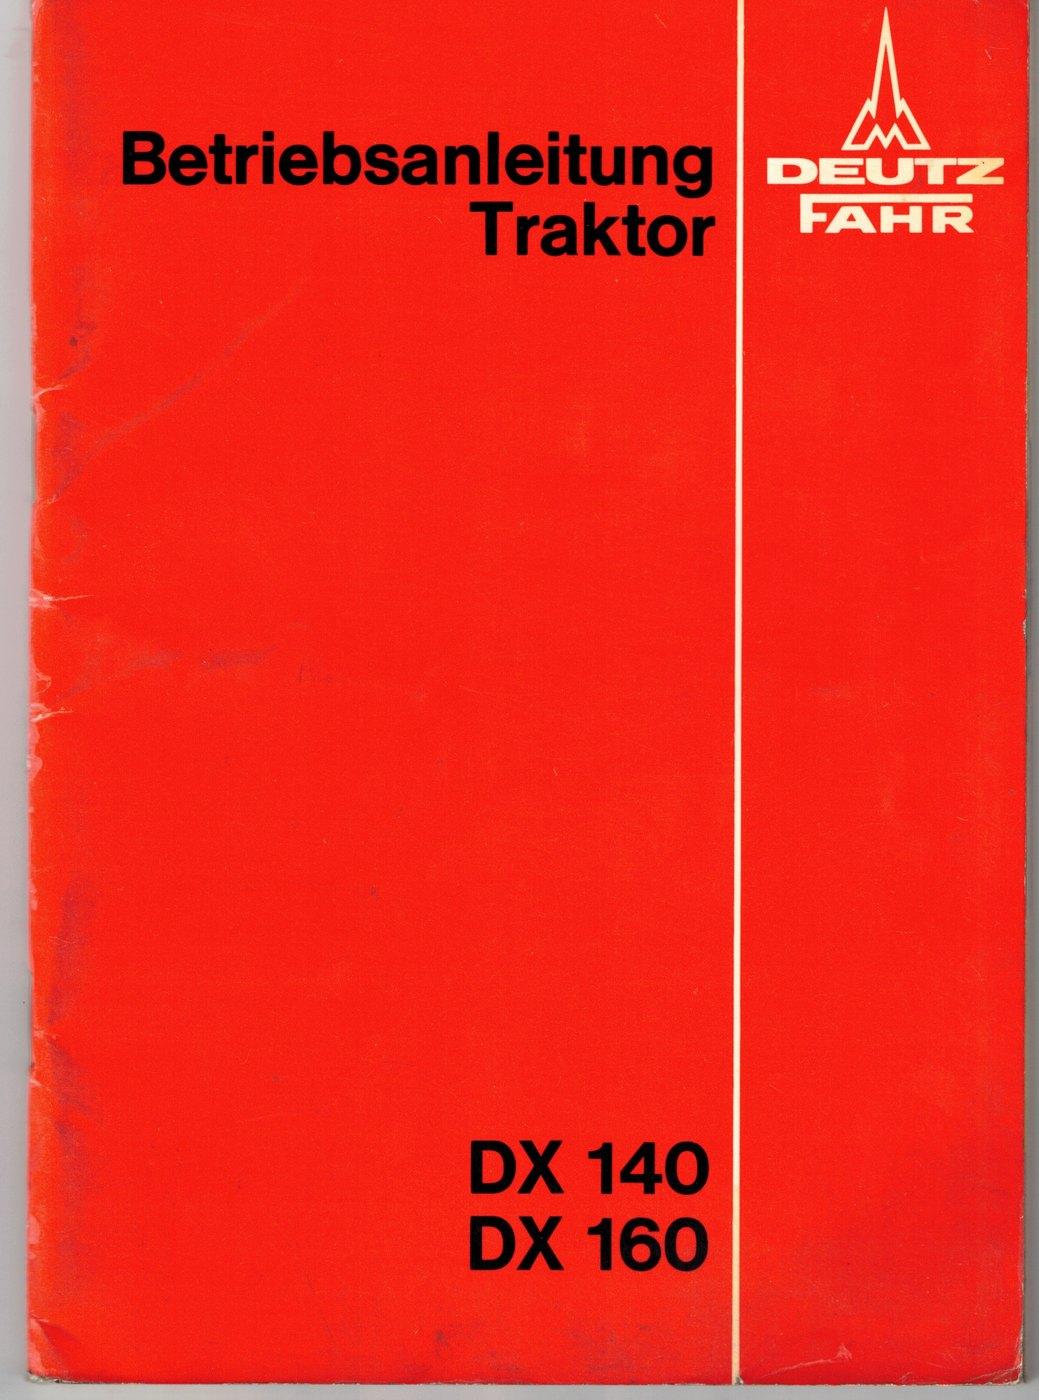 Betriebsanleitung Deutz-Fahr DX140 und DX160